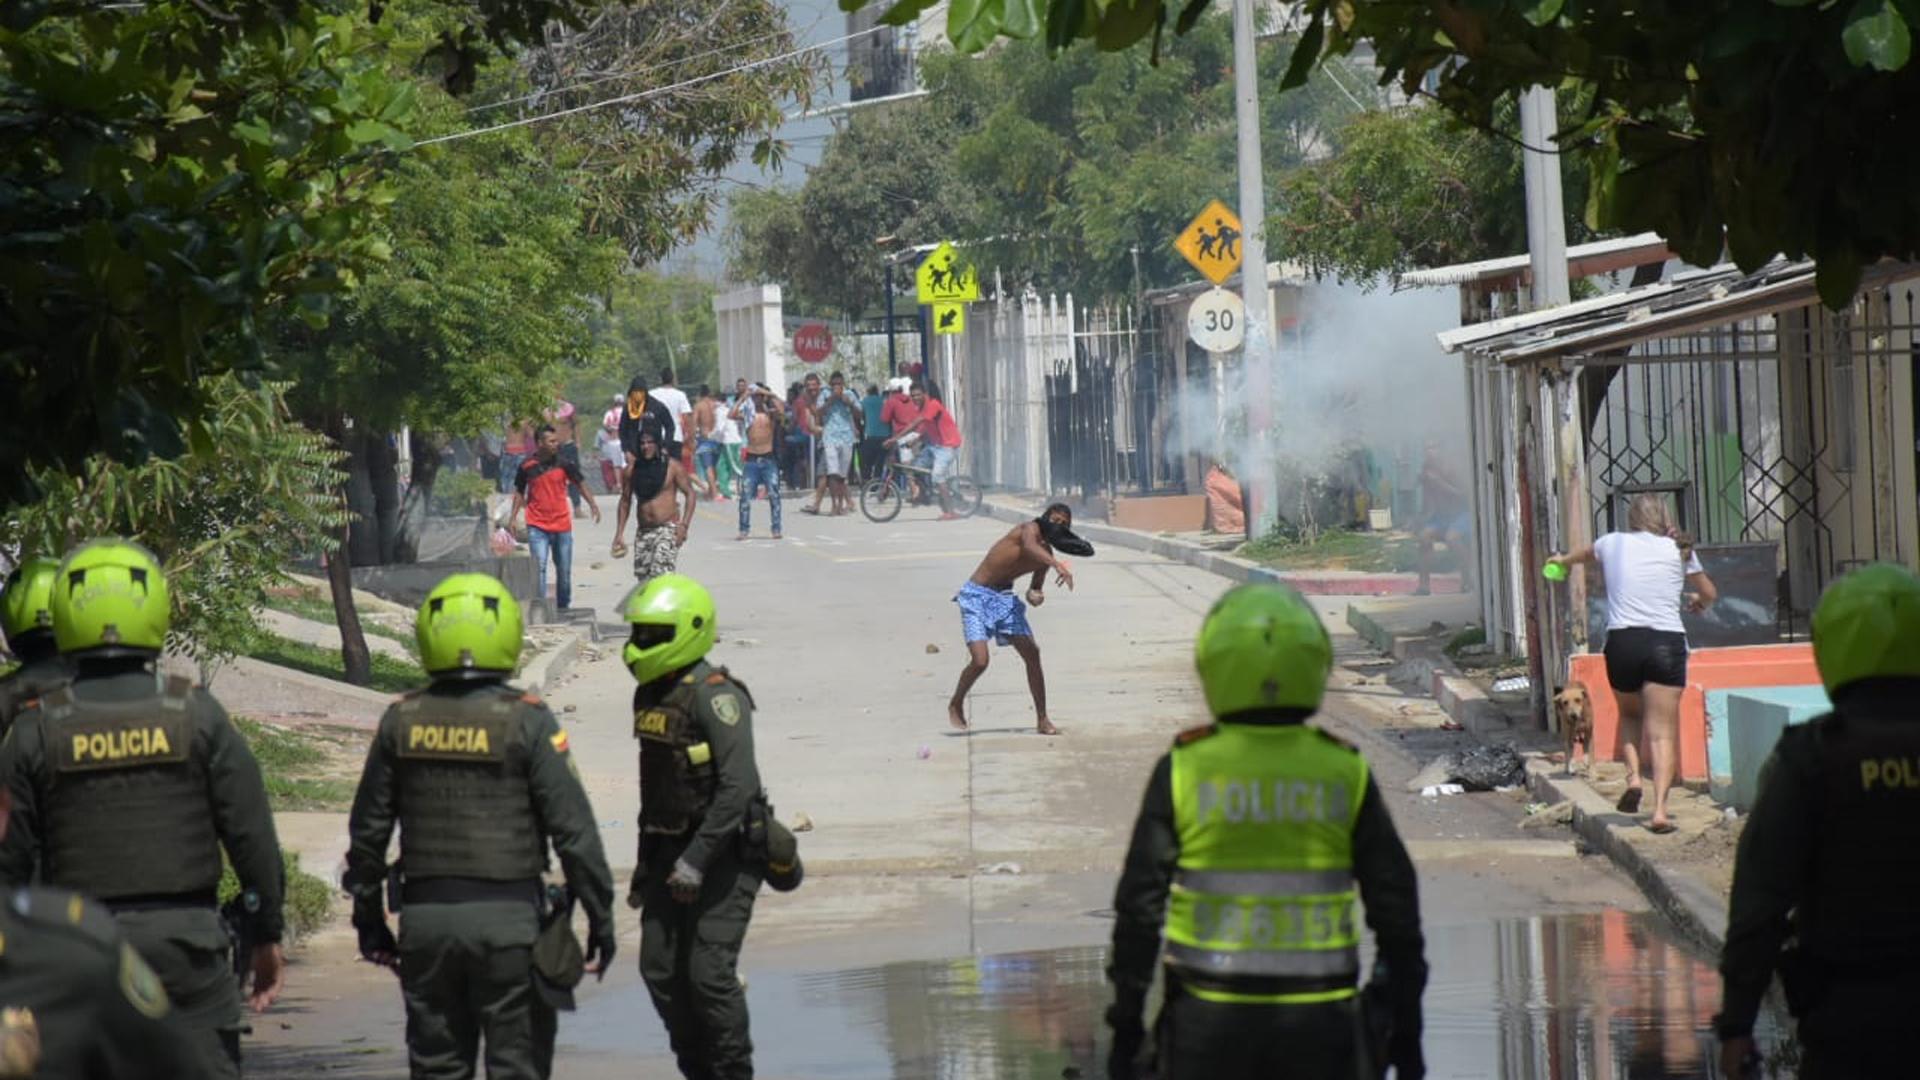 La comunidad se enfrentó con la Policía.